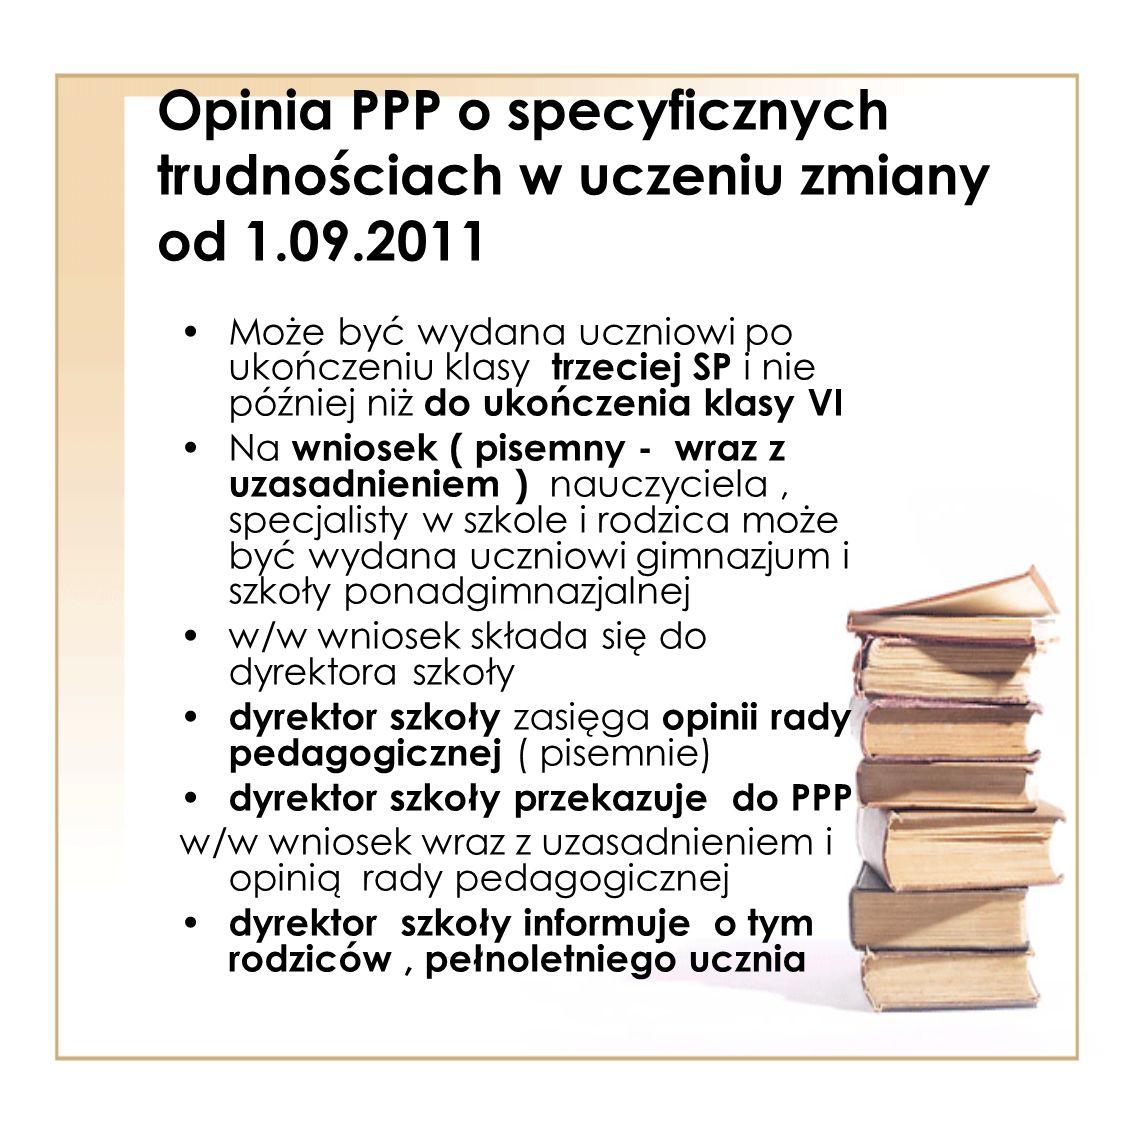 Opinia PPP o specyficznych trudnościach w uczeniu zmiany od 1.09.2011 Może być wydana uczniowi po ukończeniu klasy trzeciej SP i nie później niż do uk